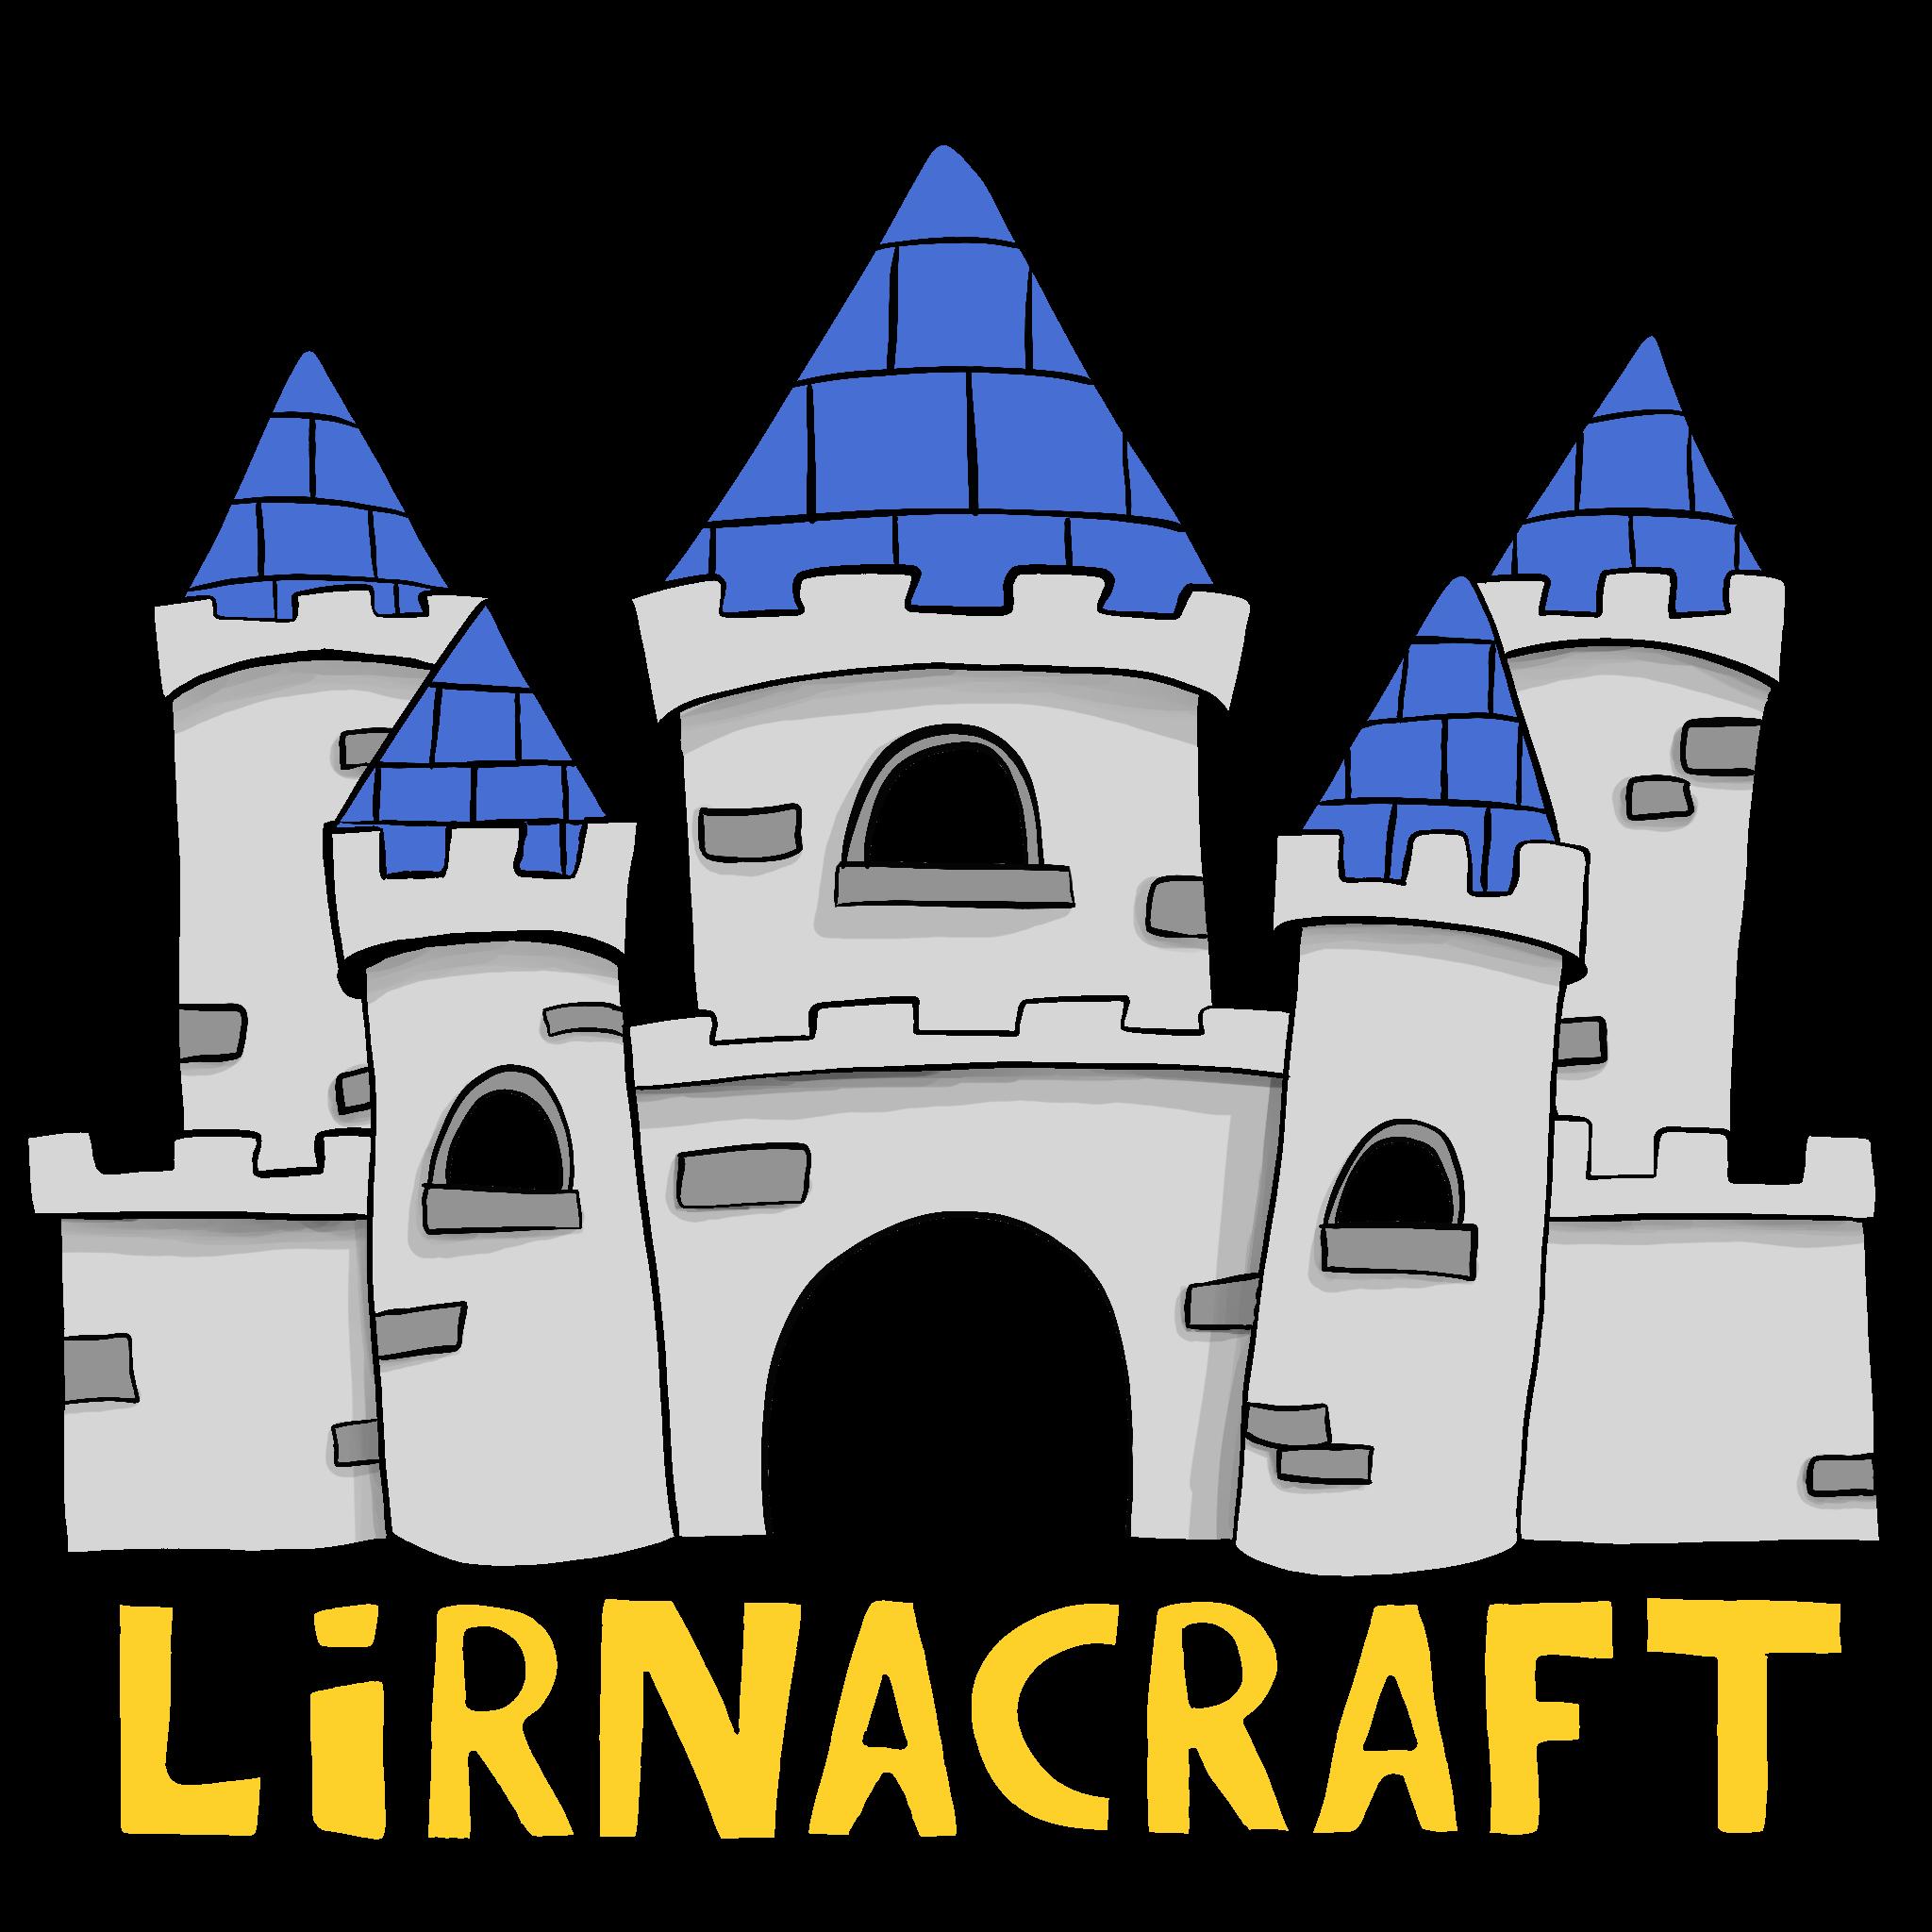 Lirnacraft.png